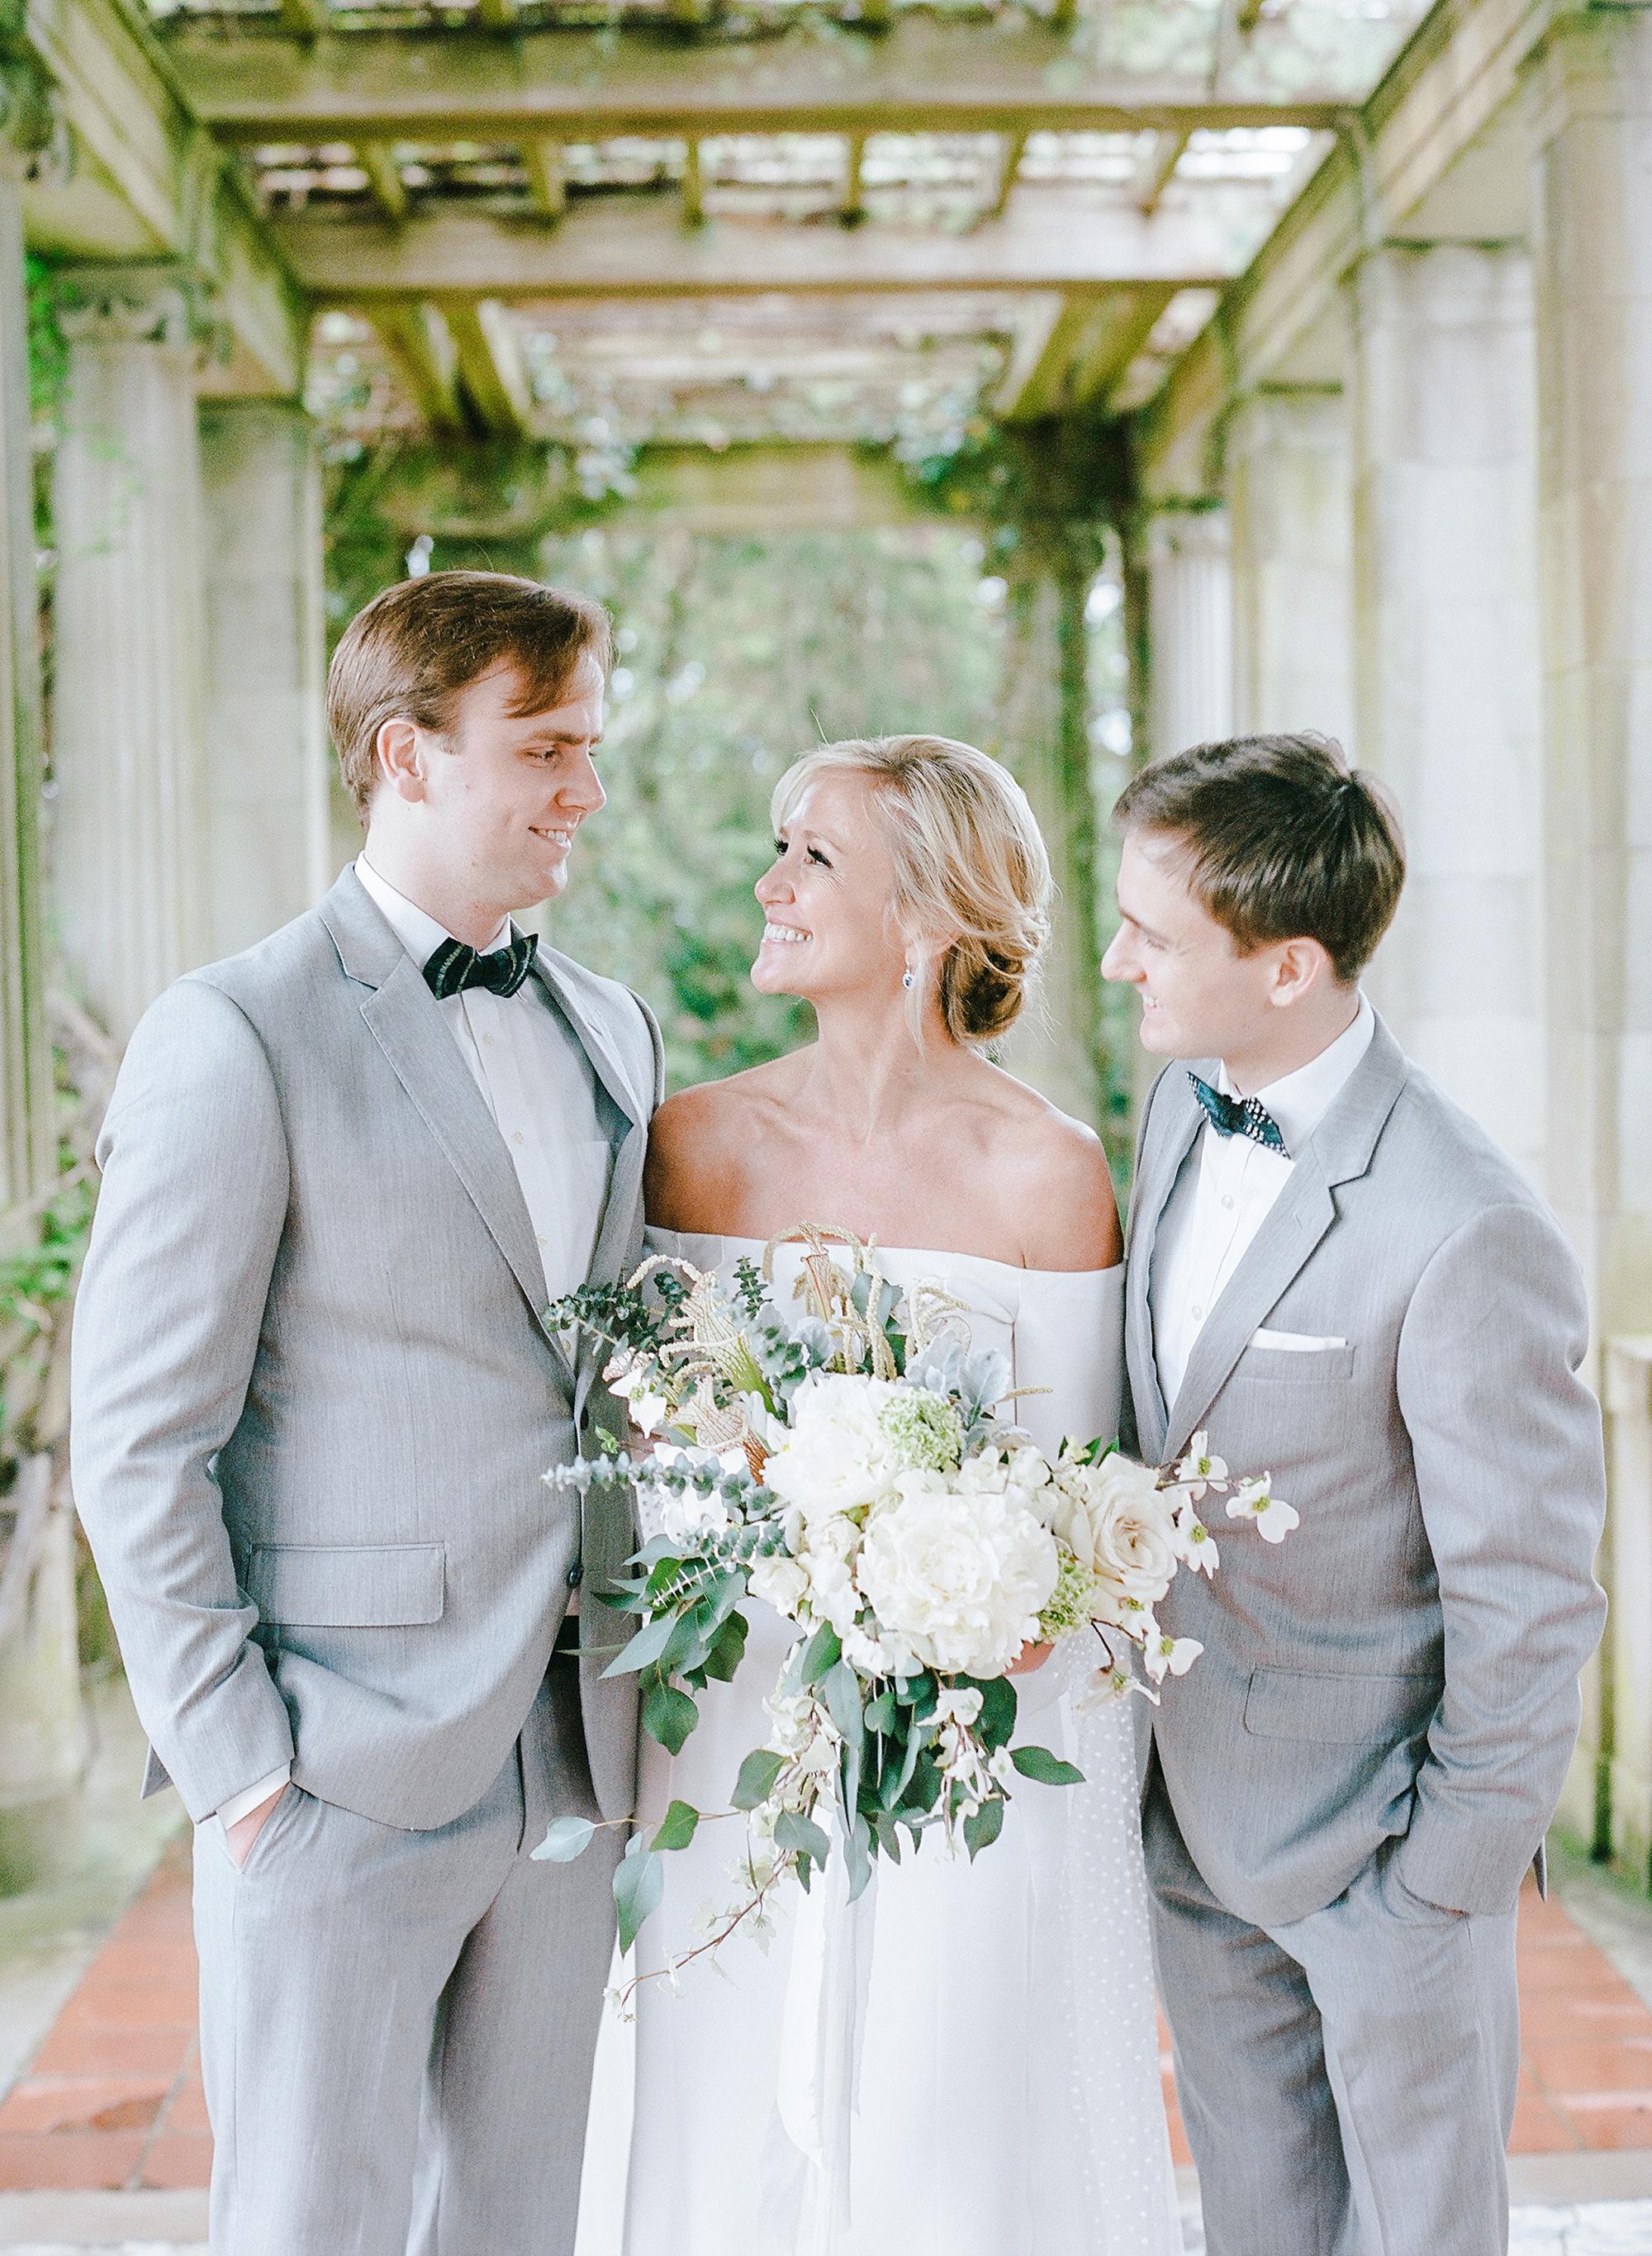 michelle robert wedding groomsmen